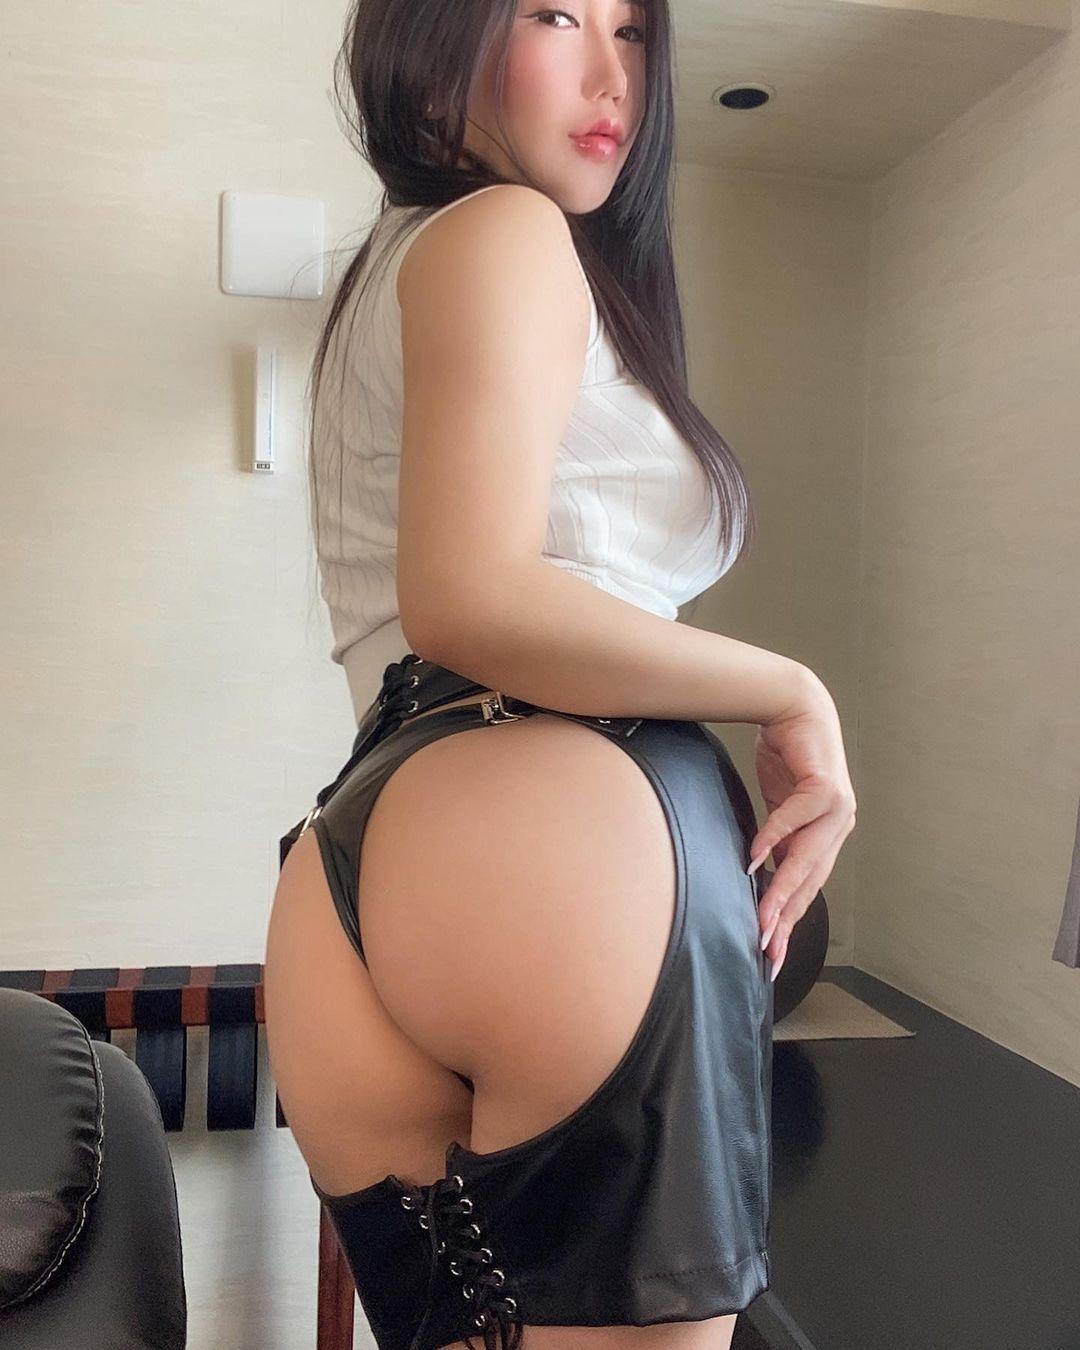 「秘書の衣装」お尻丸見えのセクシー衣装姿で美尻を披露【小町ねねさん/2021年4月19日】